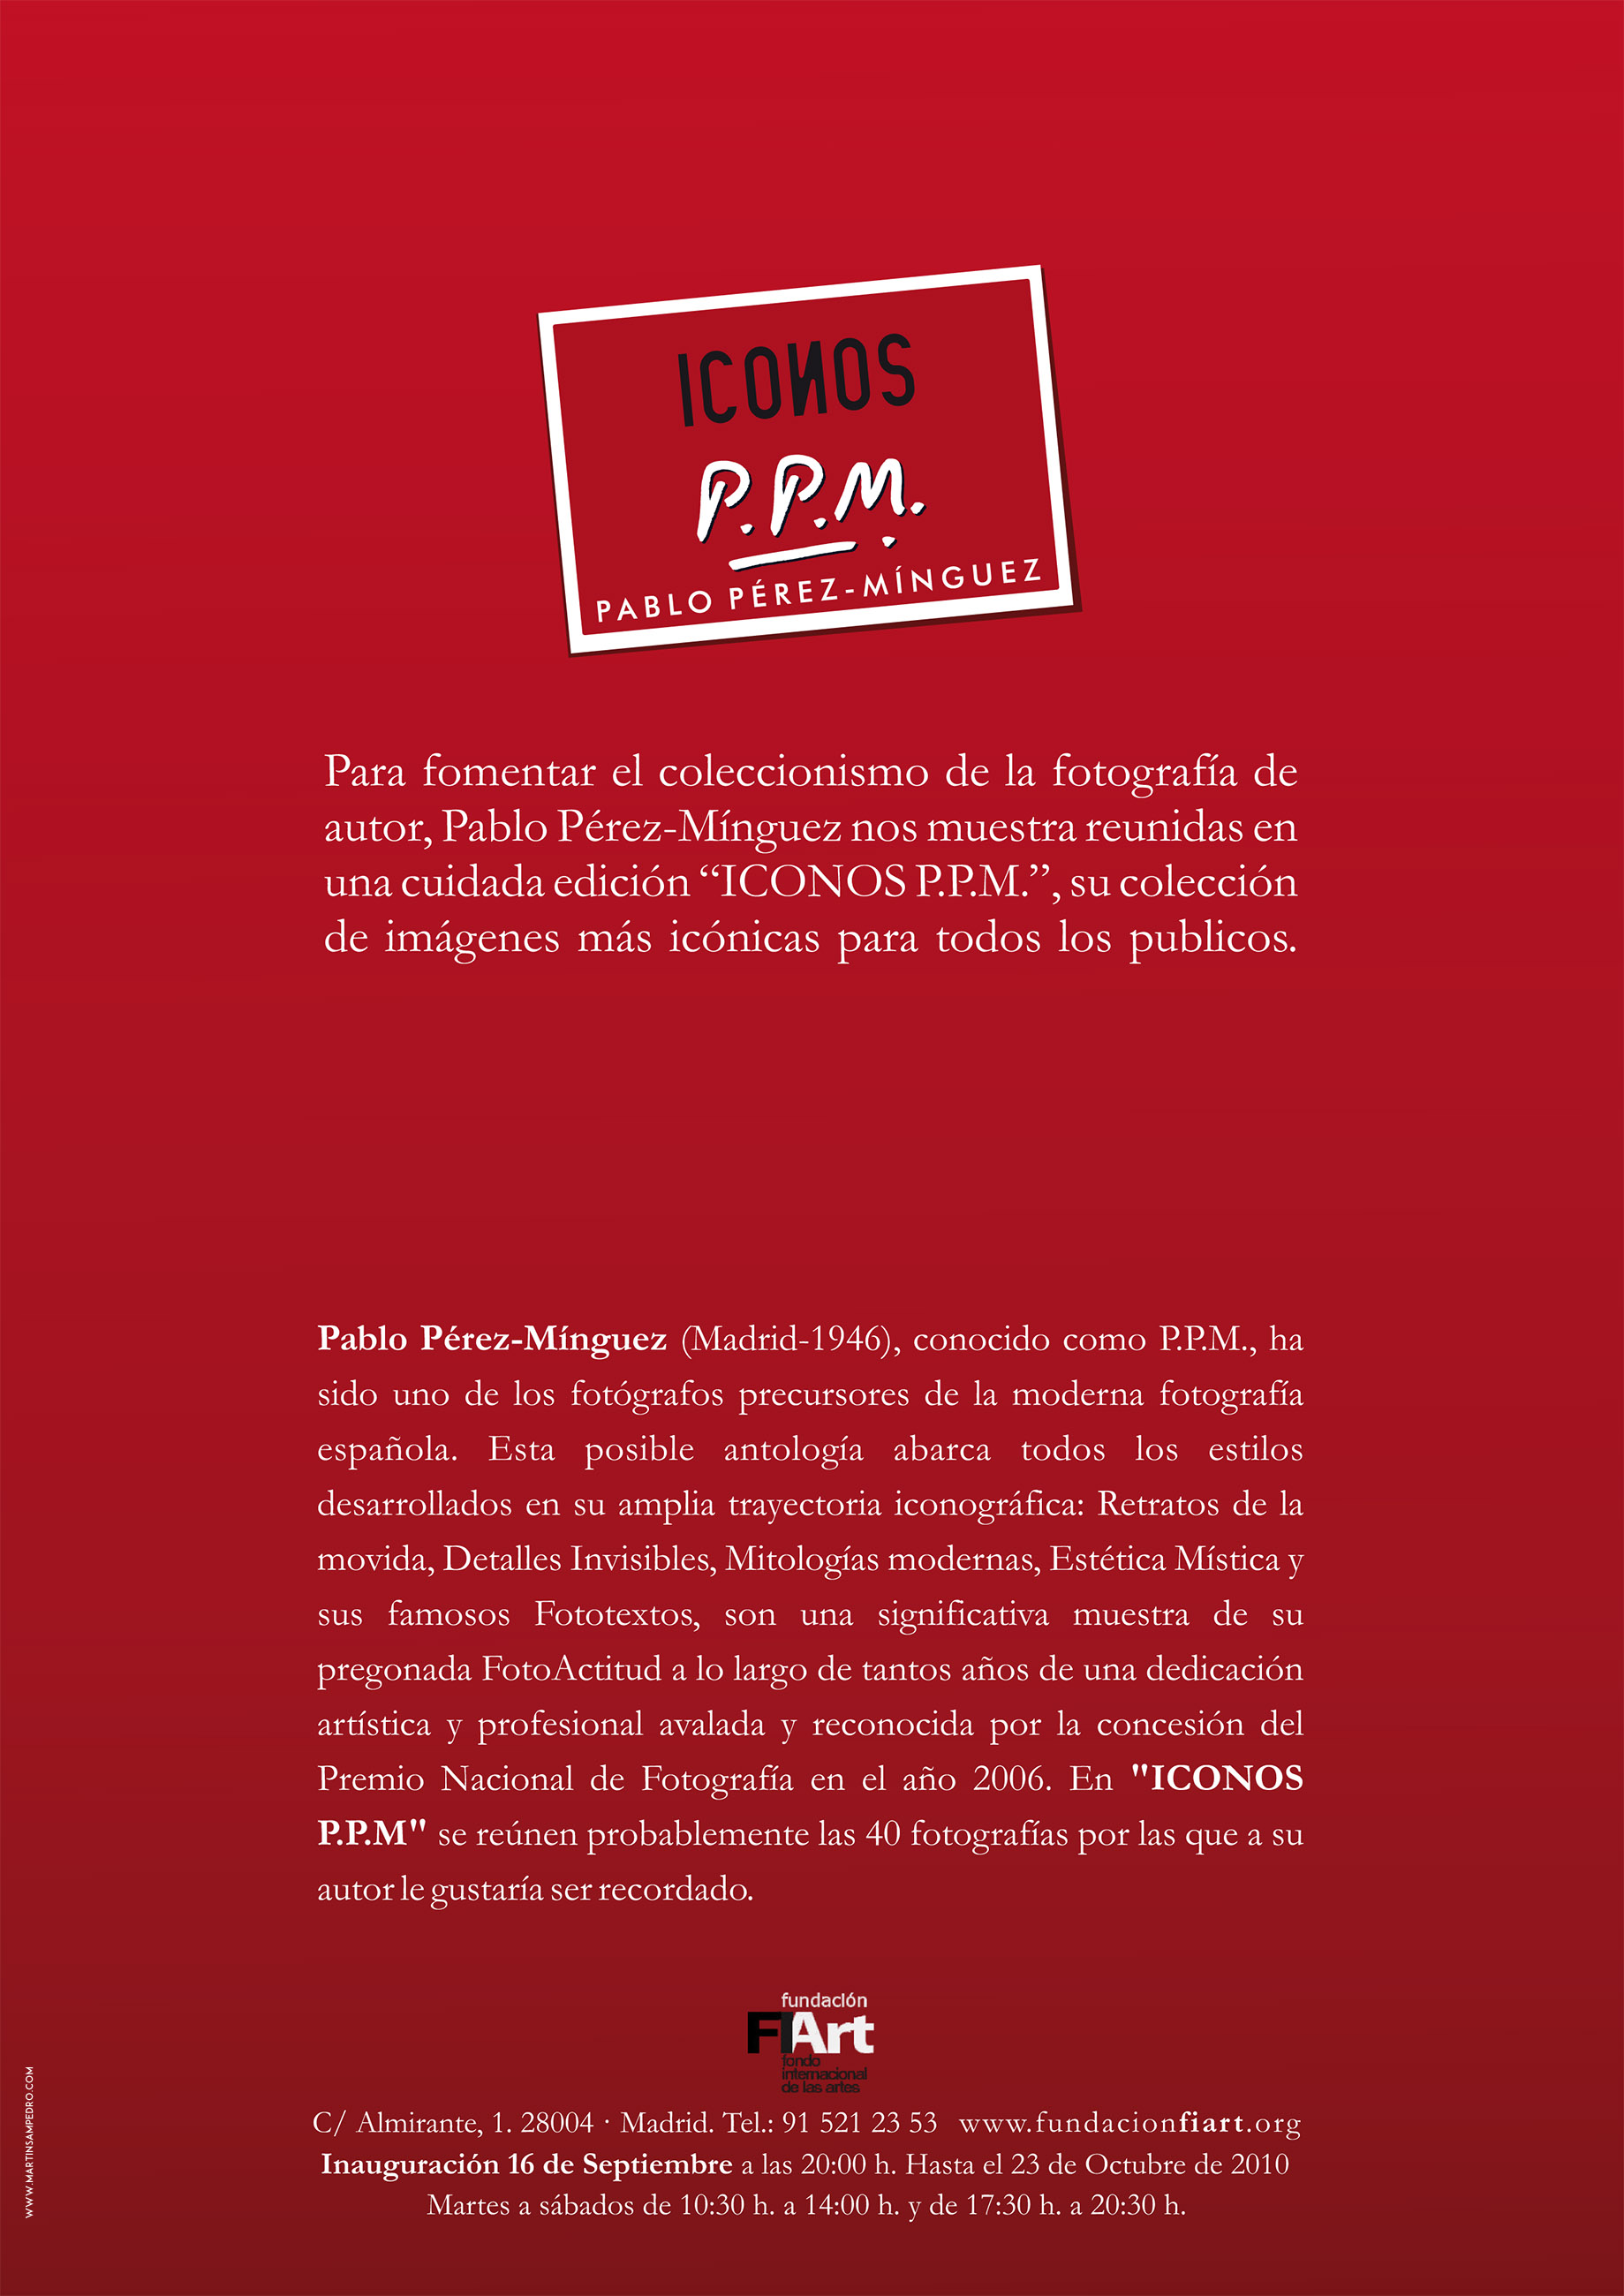 Pablo Pérez-Mínguez. PPM